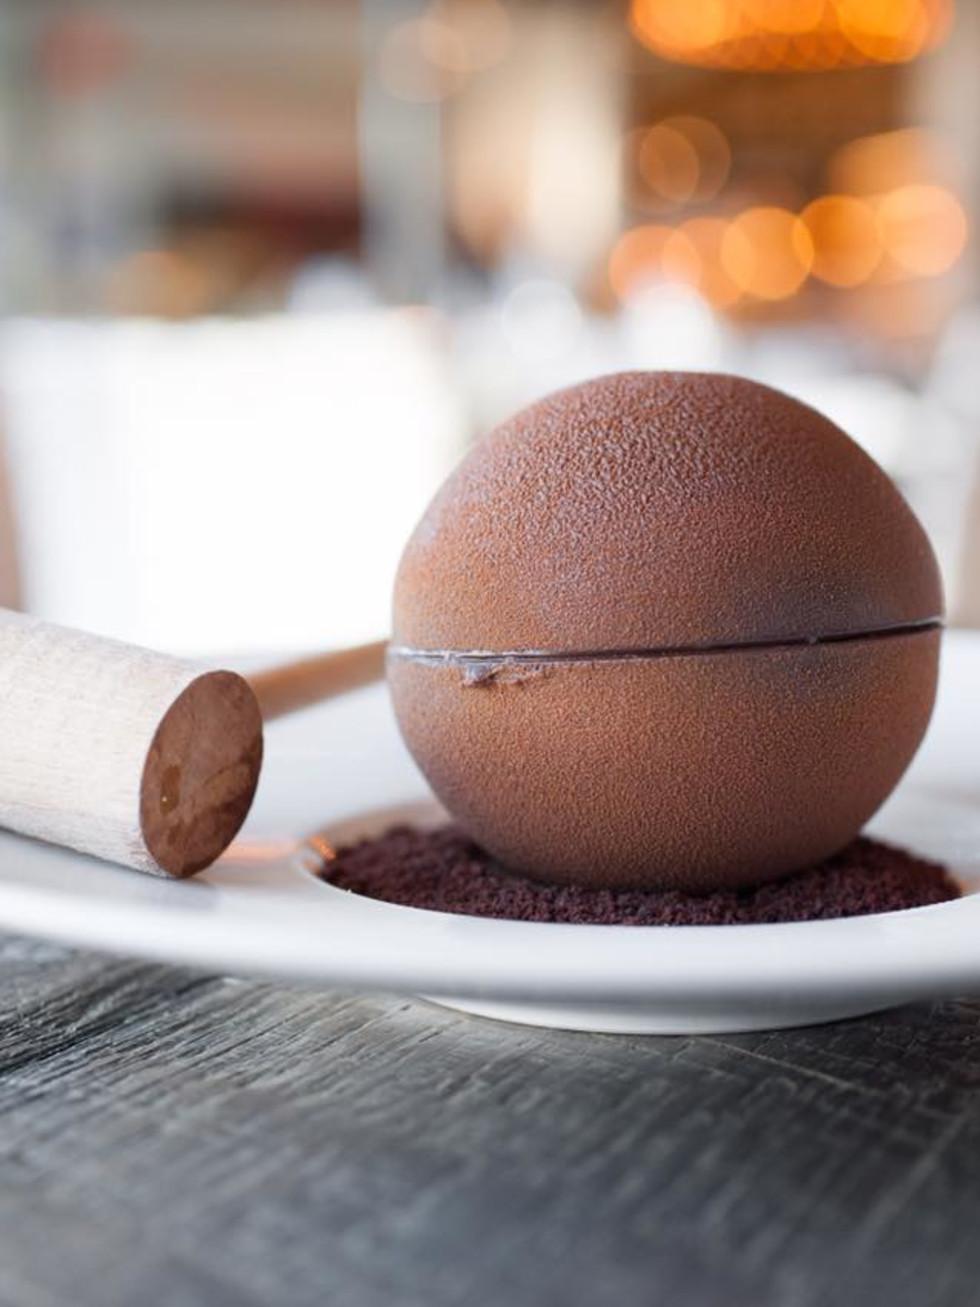 Caracol el coco dessert